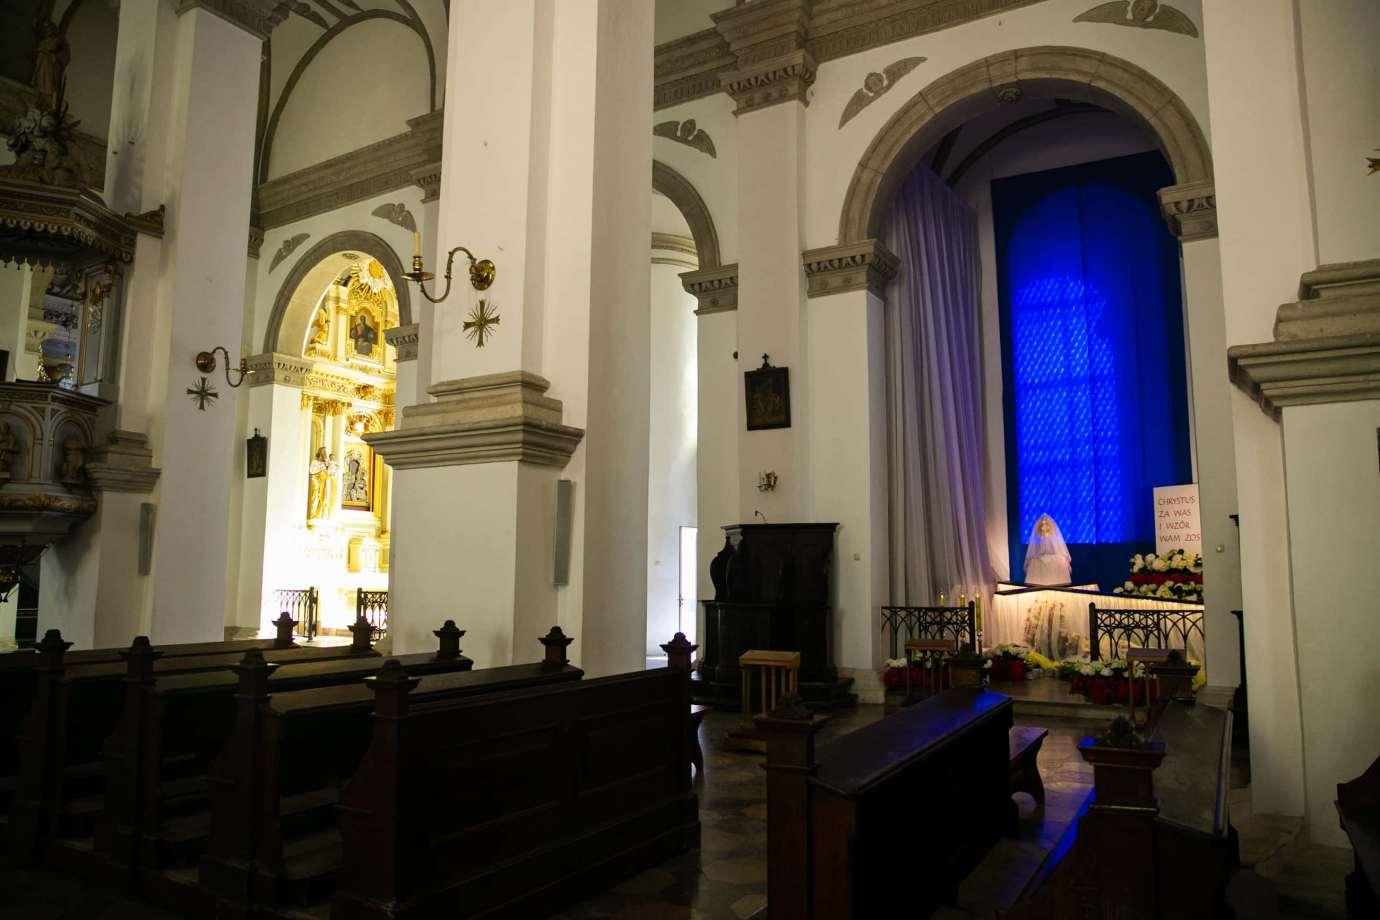 parafia katedralna zmartwychwstania panskiego i sw tomasza apostola w zamosciu 7 Zdjęcia grobów pańskich w zamojskich świątyniach